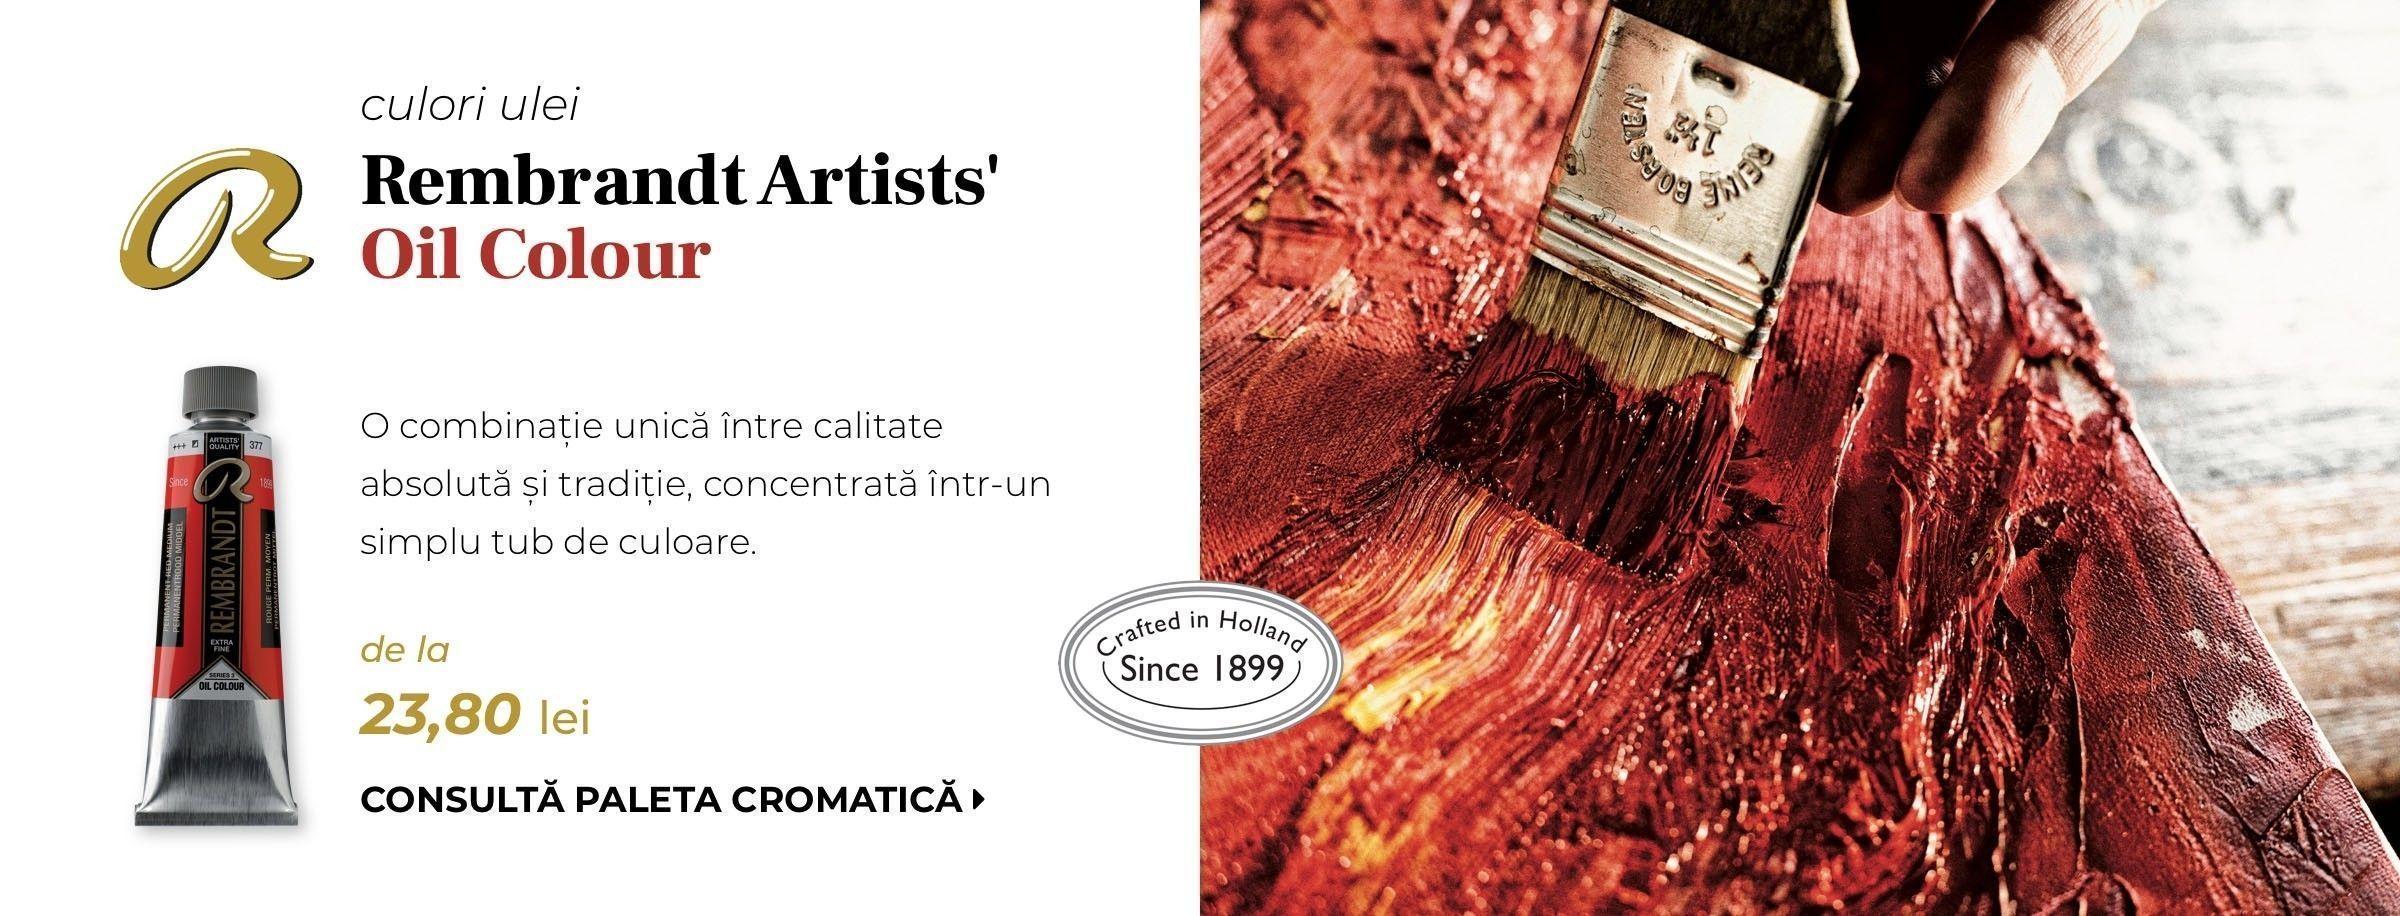 Banner culori ulei Talens Rembrandt